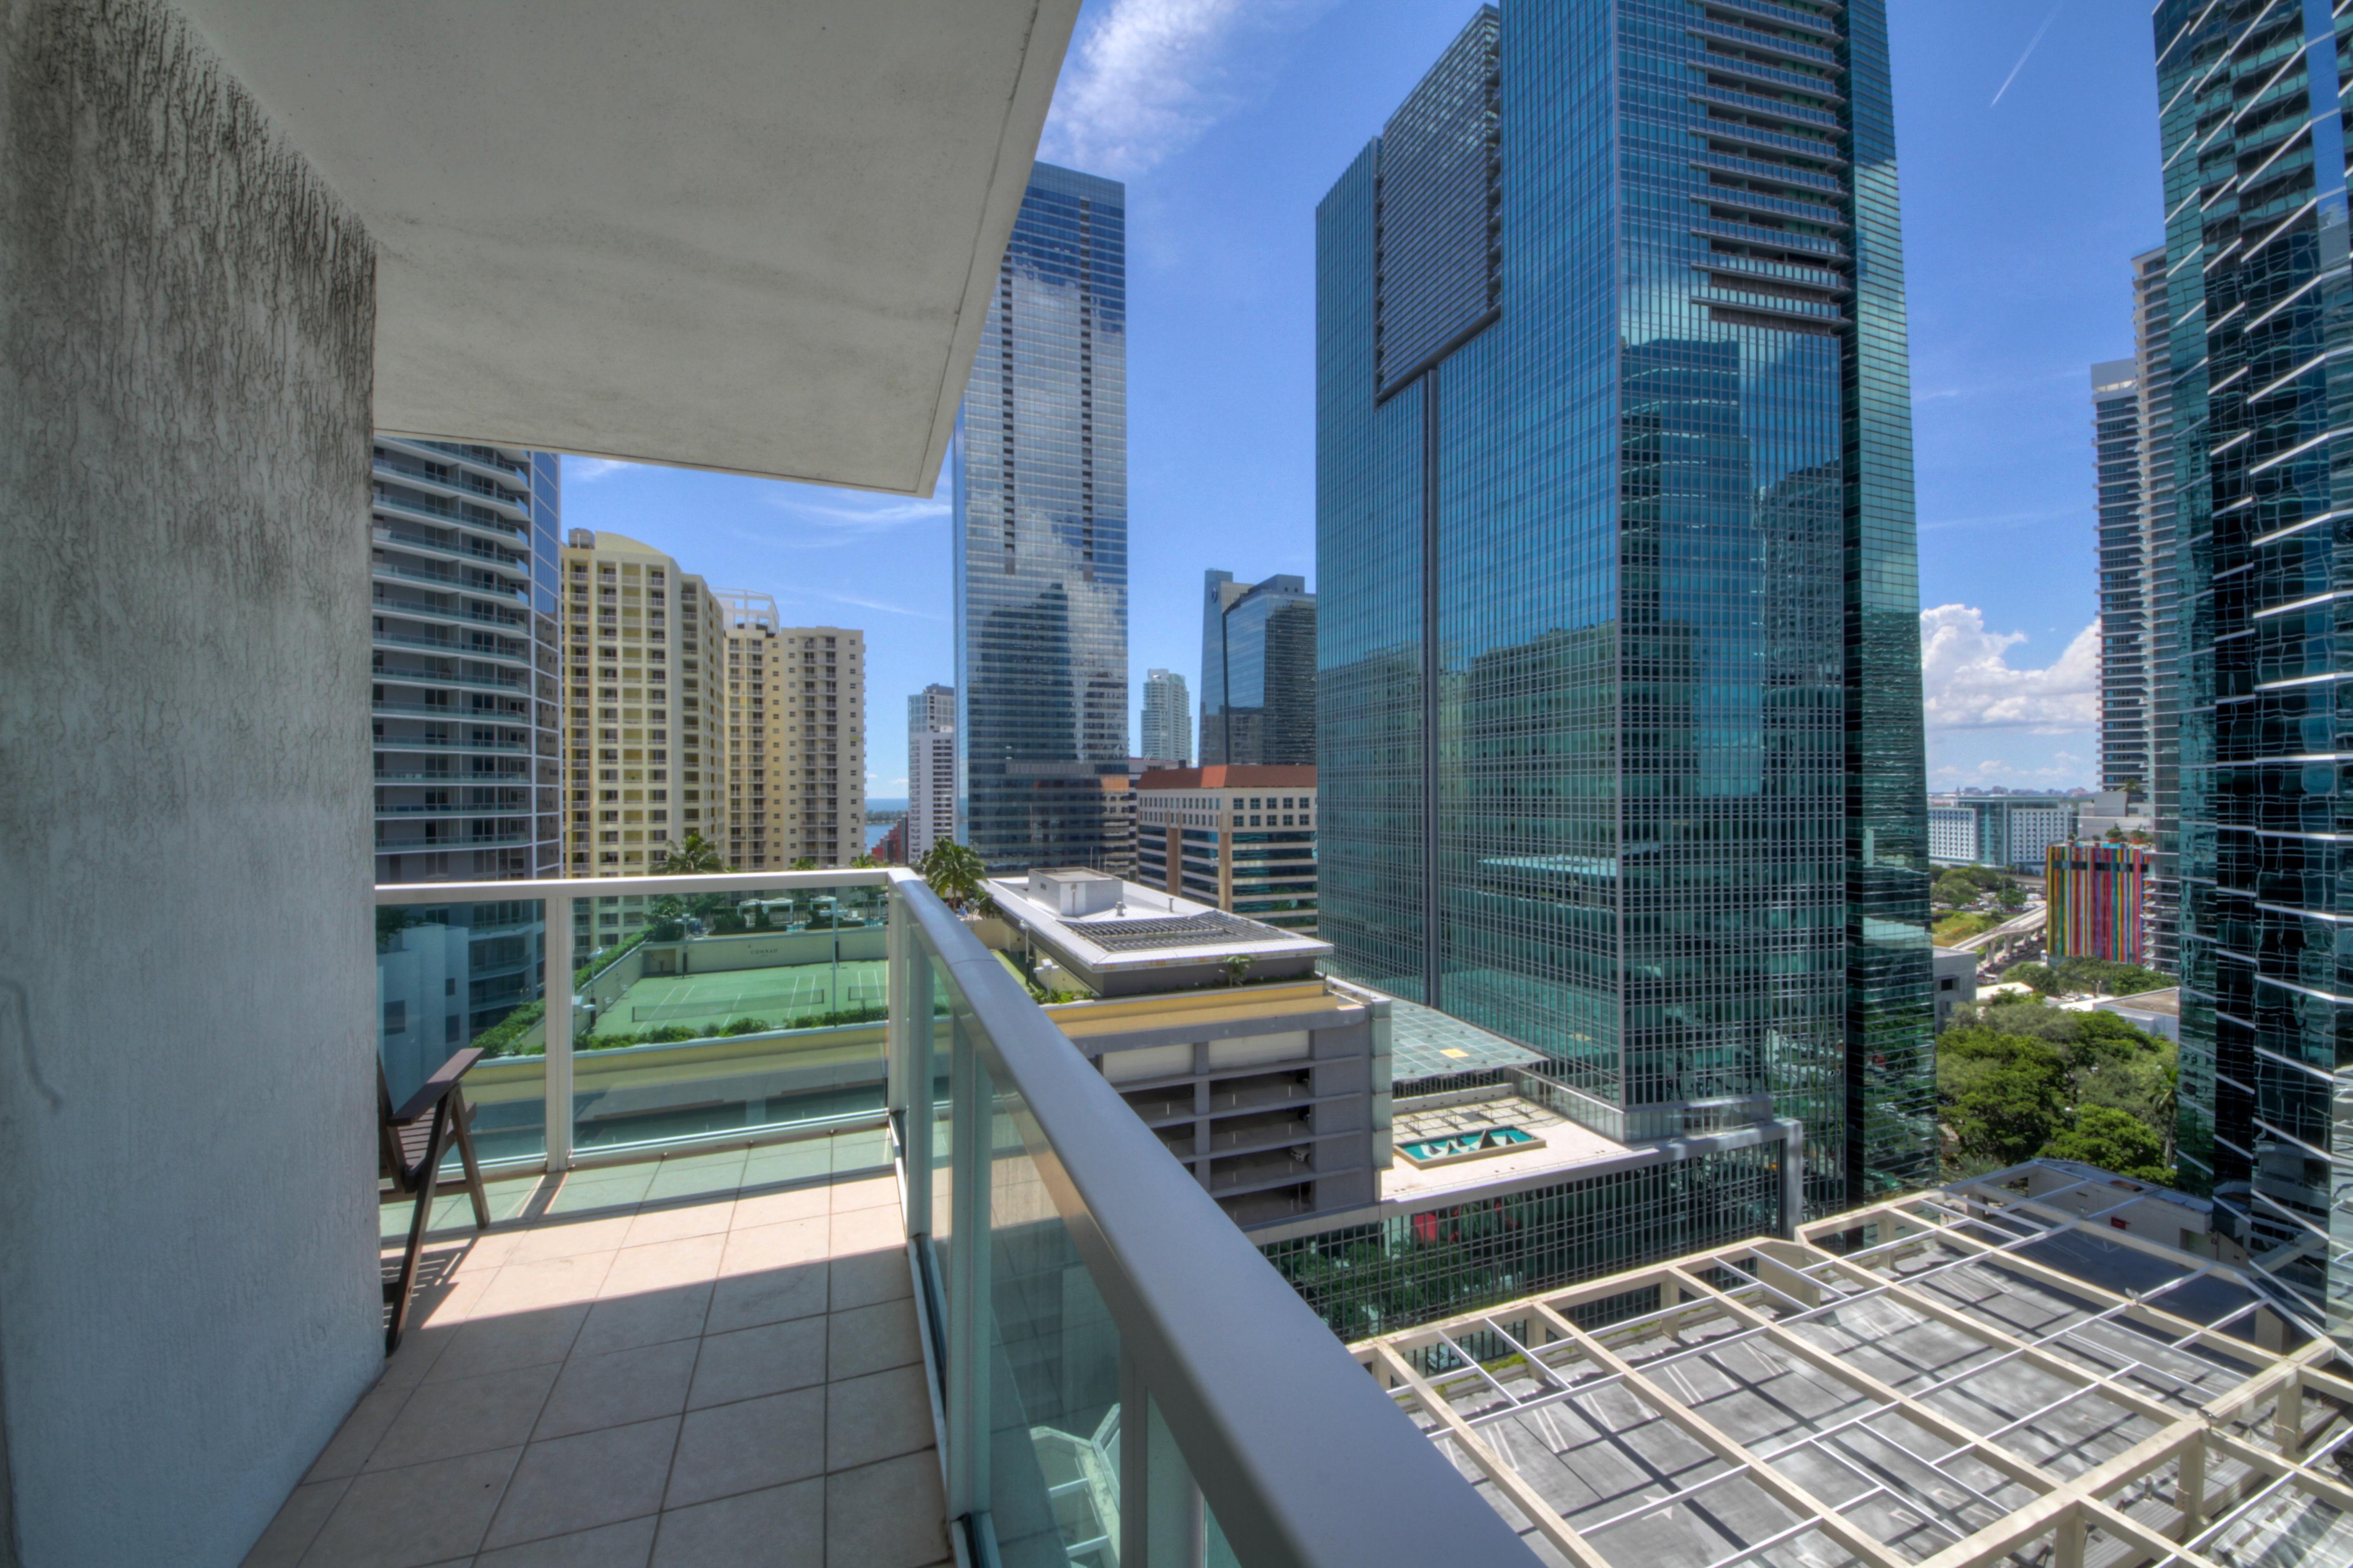 Condominium for Sale at 186 Se 12 Te #1704 186 Se 12 Te 1704 Miami, Florida, 33131 United States